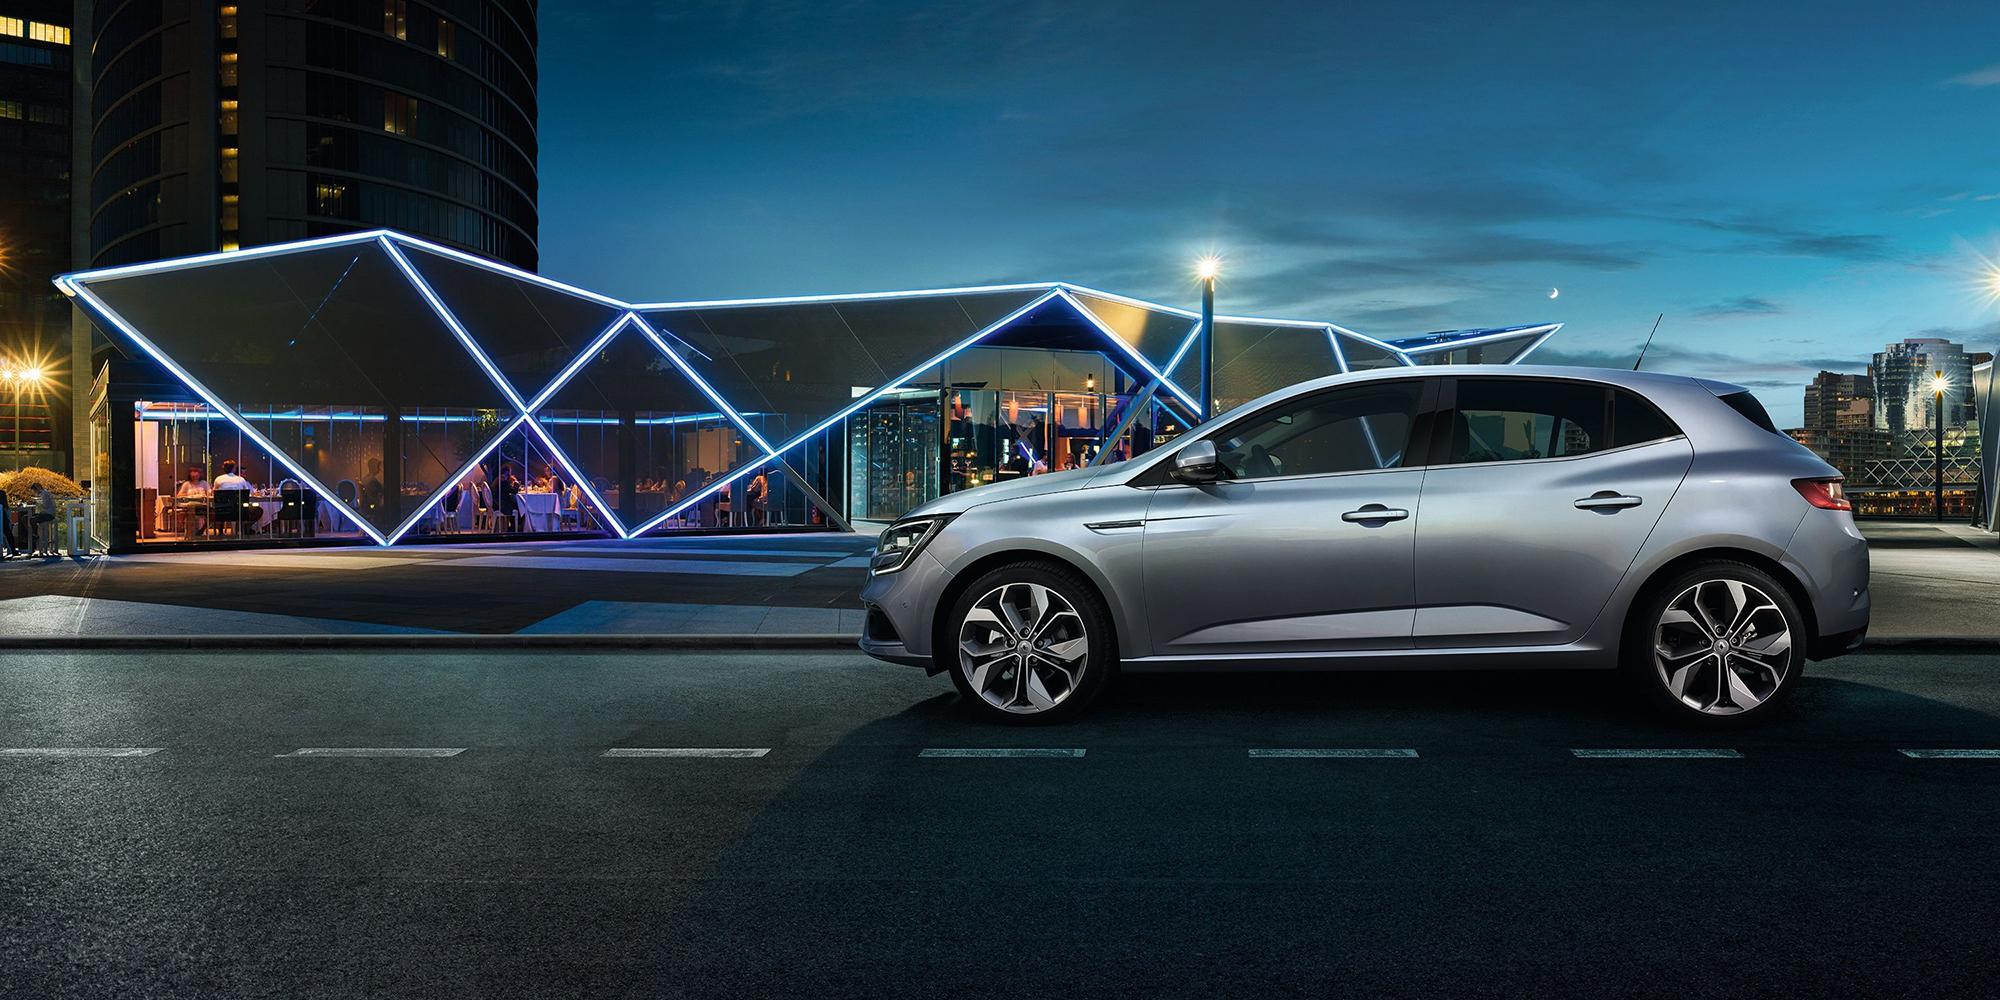 Renault MEGANE: Leidenschaftliches Design für alle Sinne